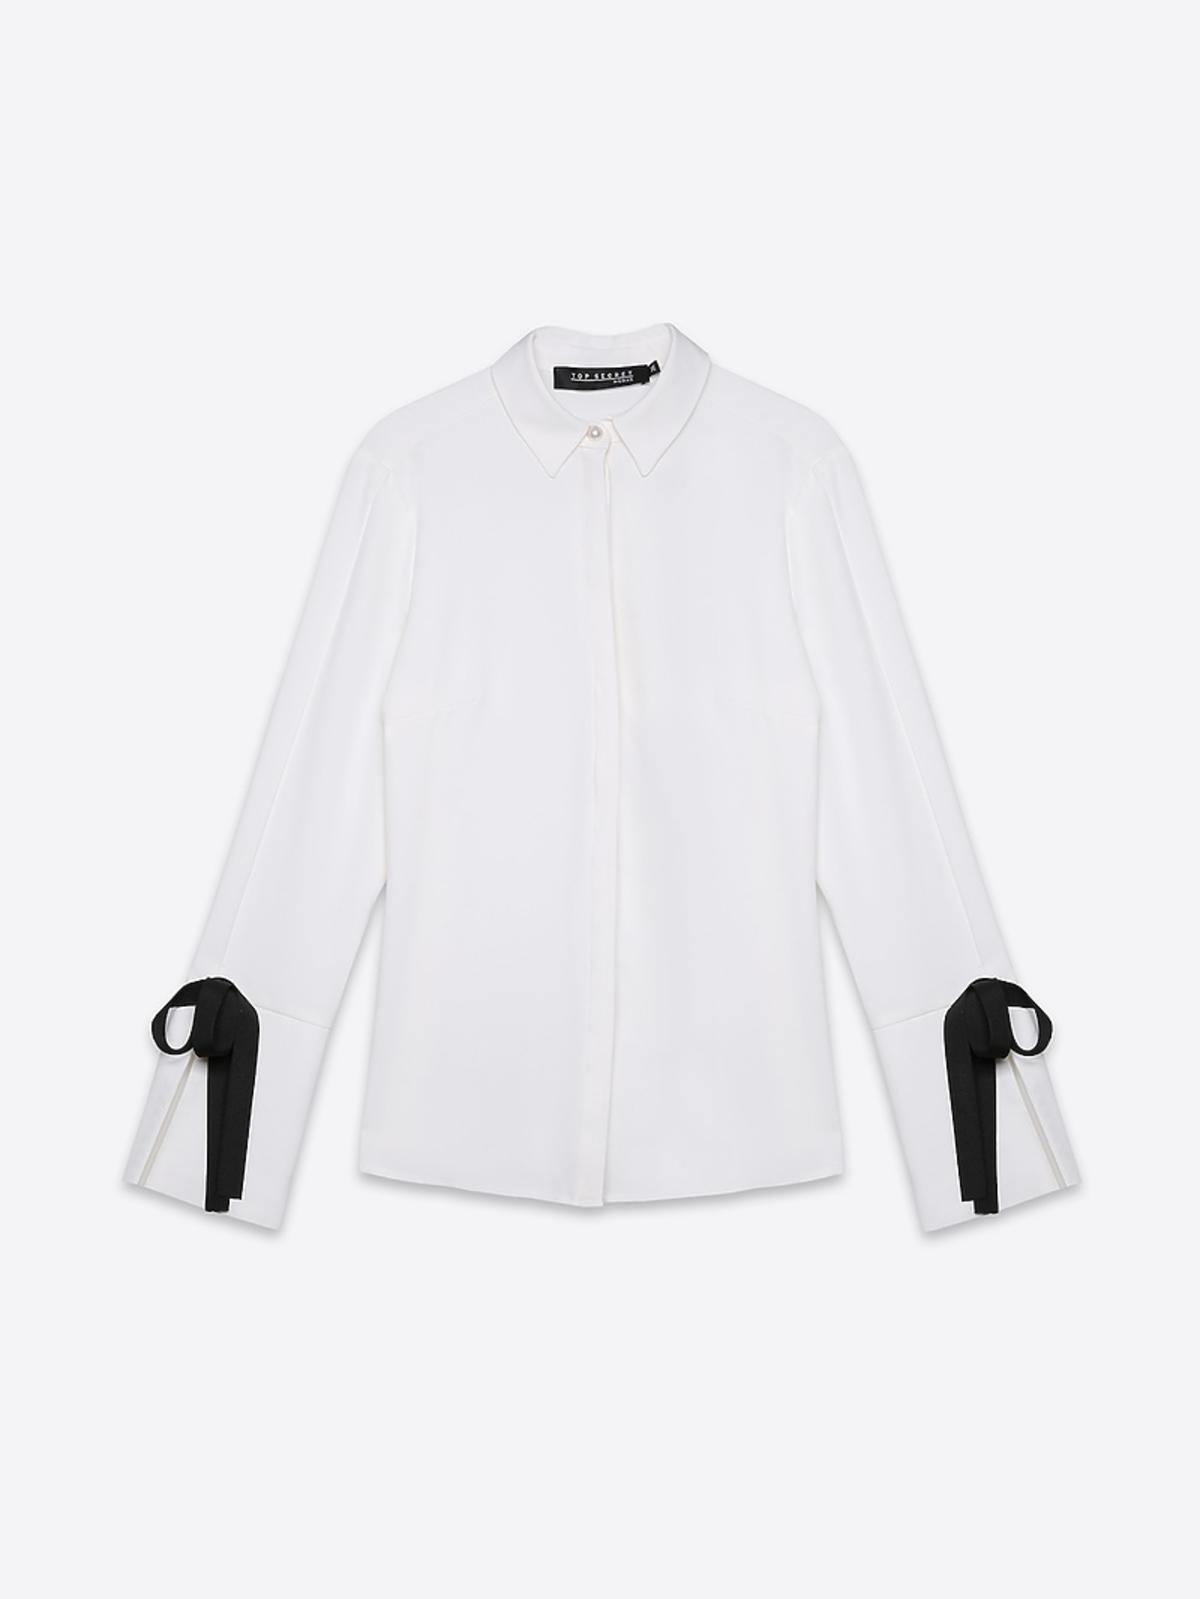 Biała koszula z kokardkami Top Secret, 139,99 zł